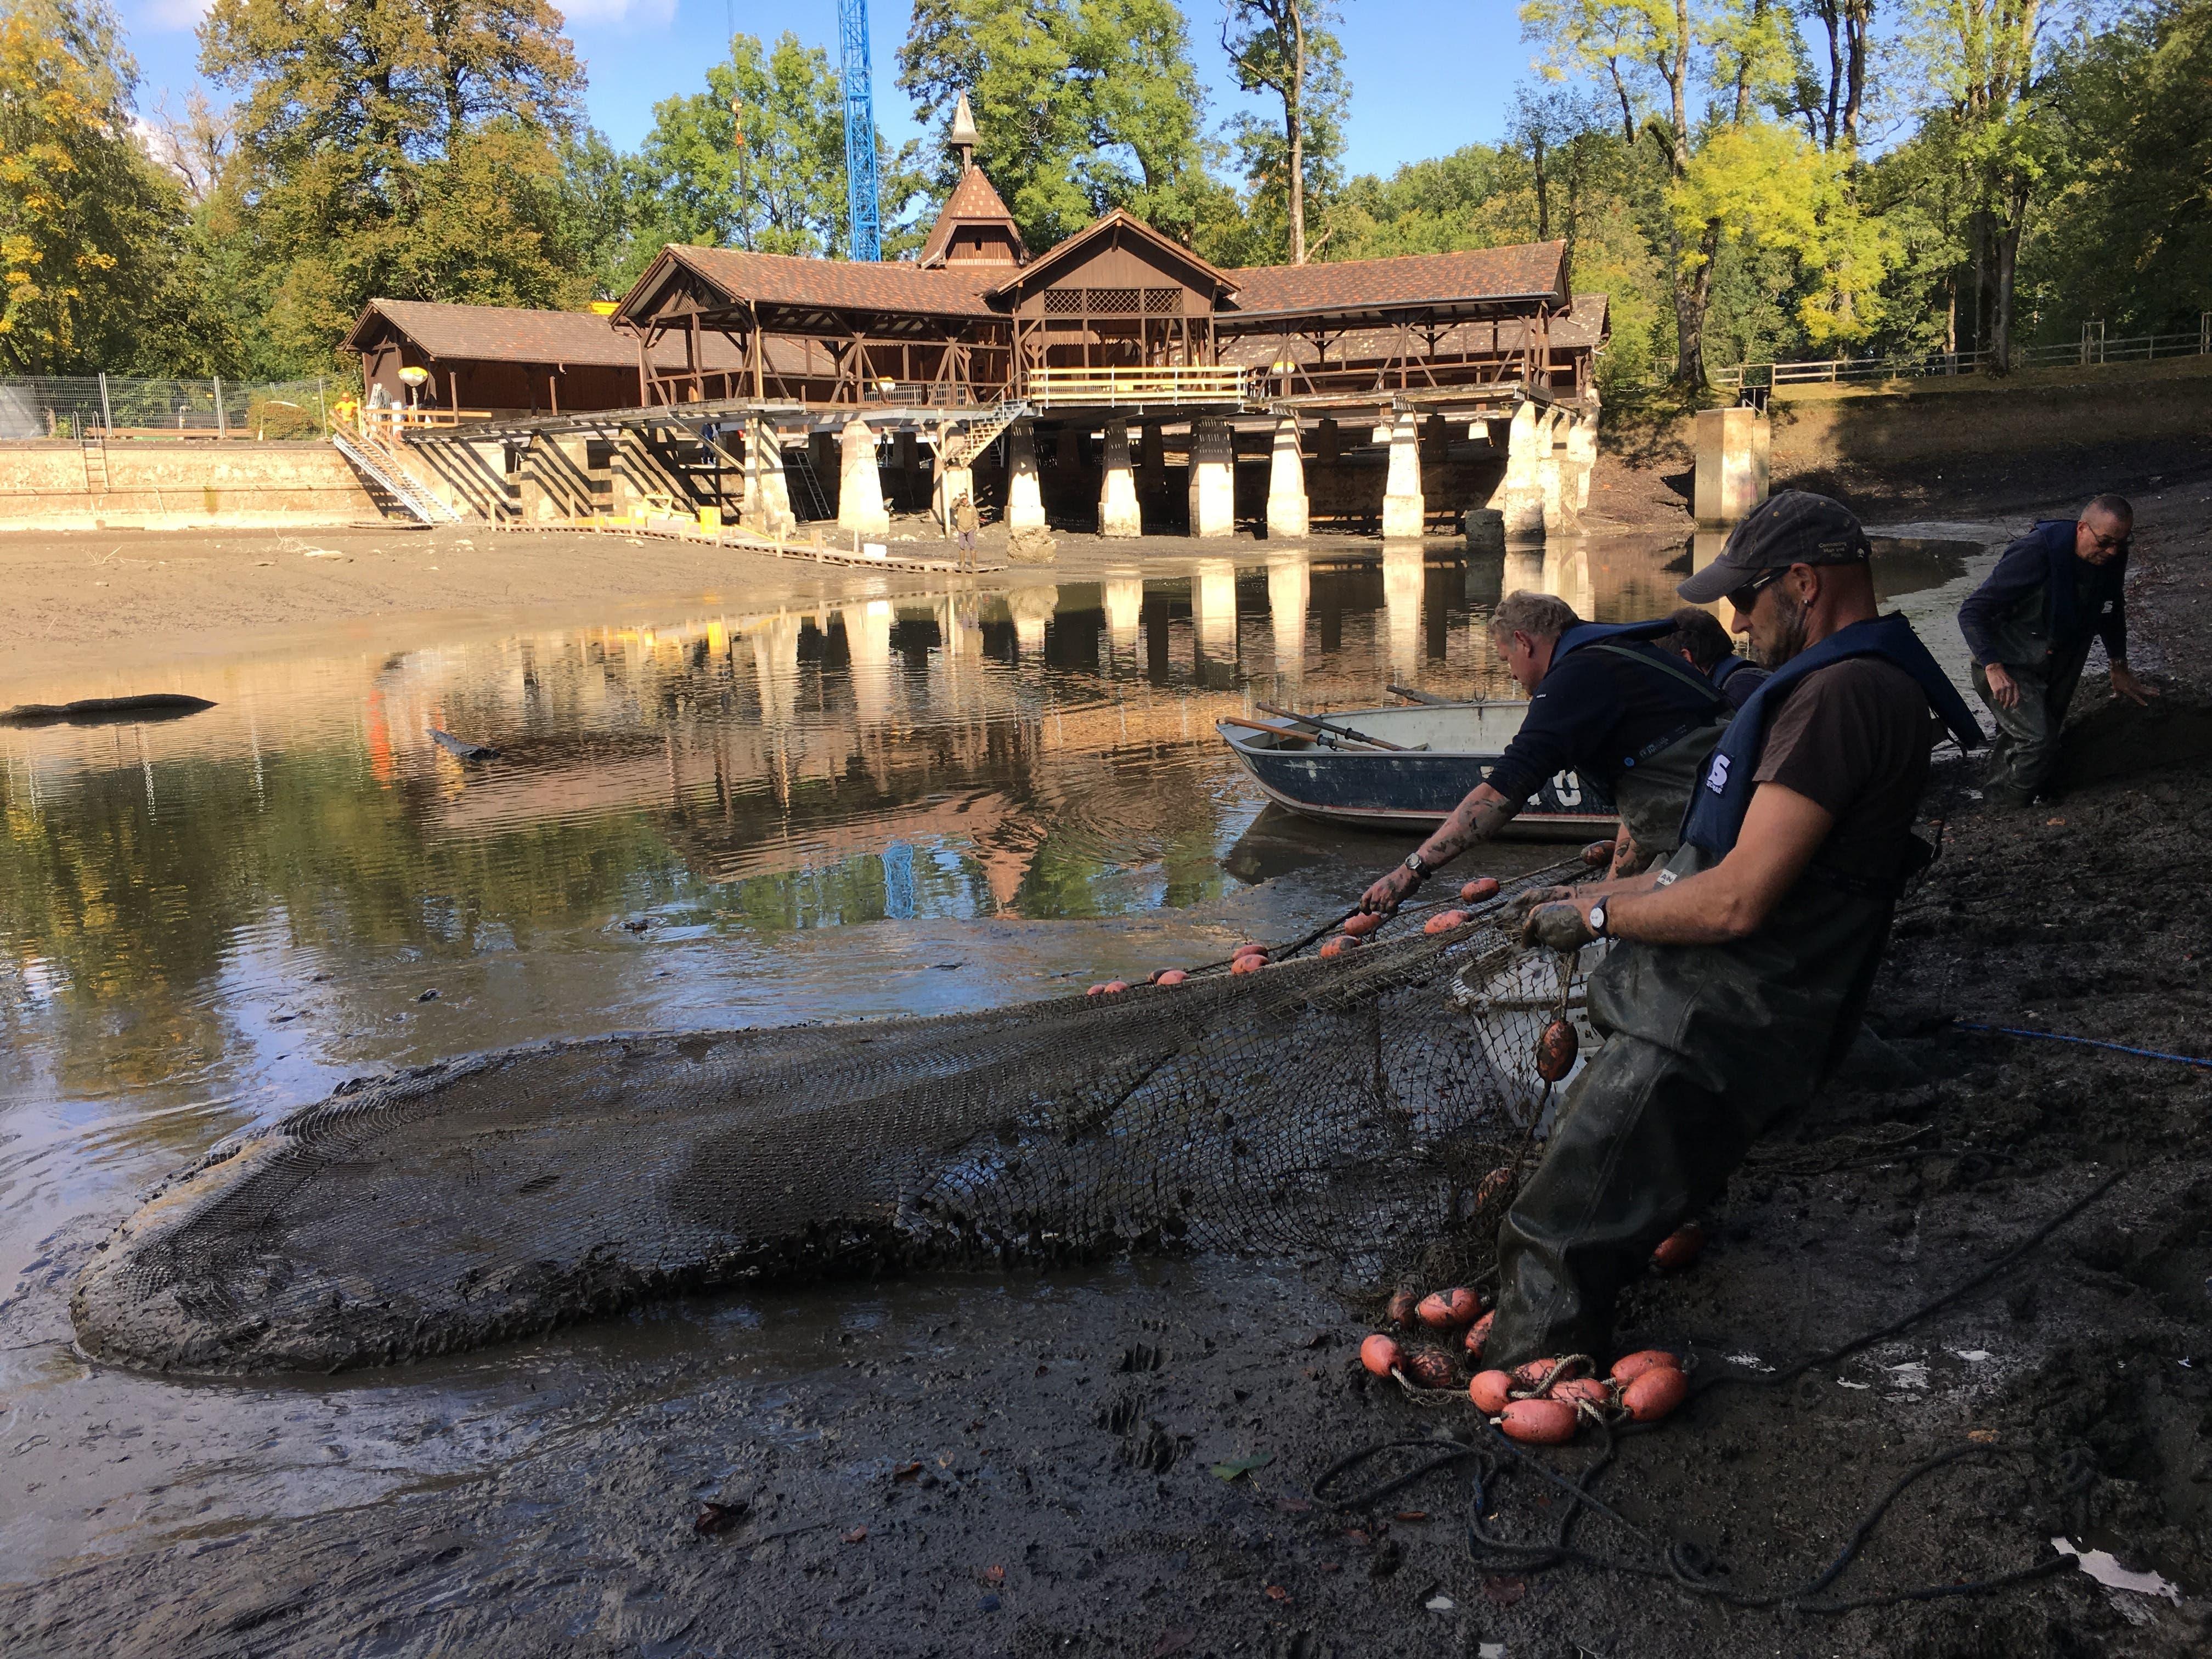 Im hüfttiefen Grund stehen Mitarbeiter vom Amt für Jagd und Fischerei sowie Helfer vom Fischerverein und ziehen mit Netzen die Fische aus dem Wasser.